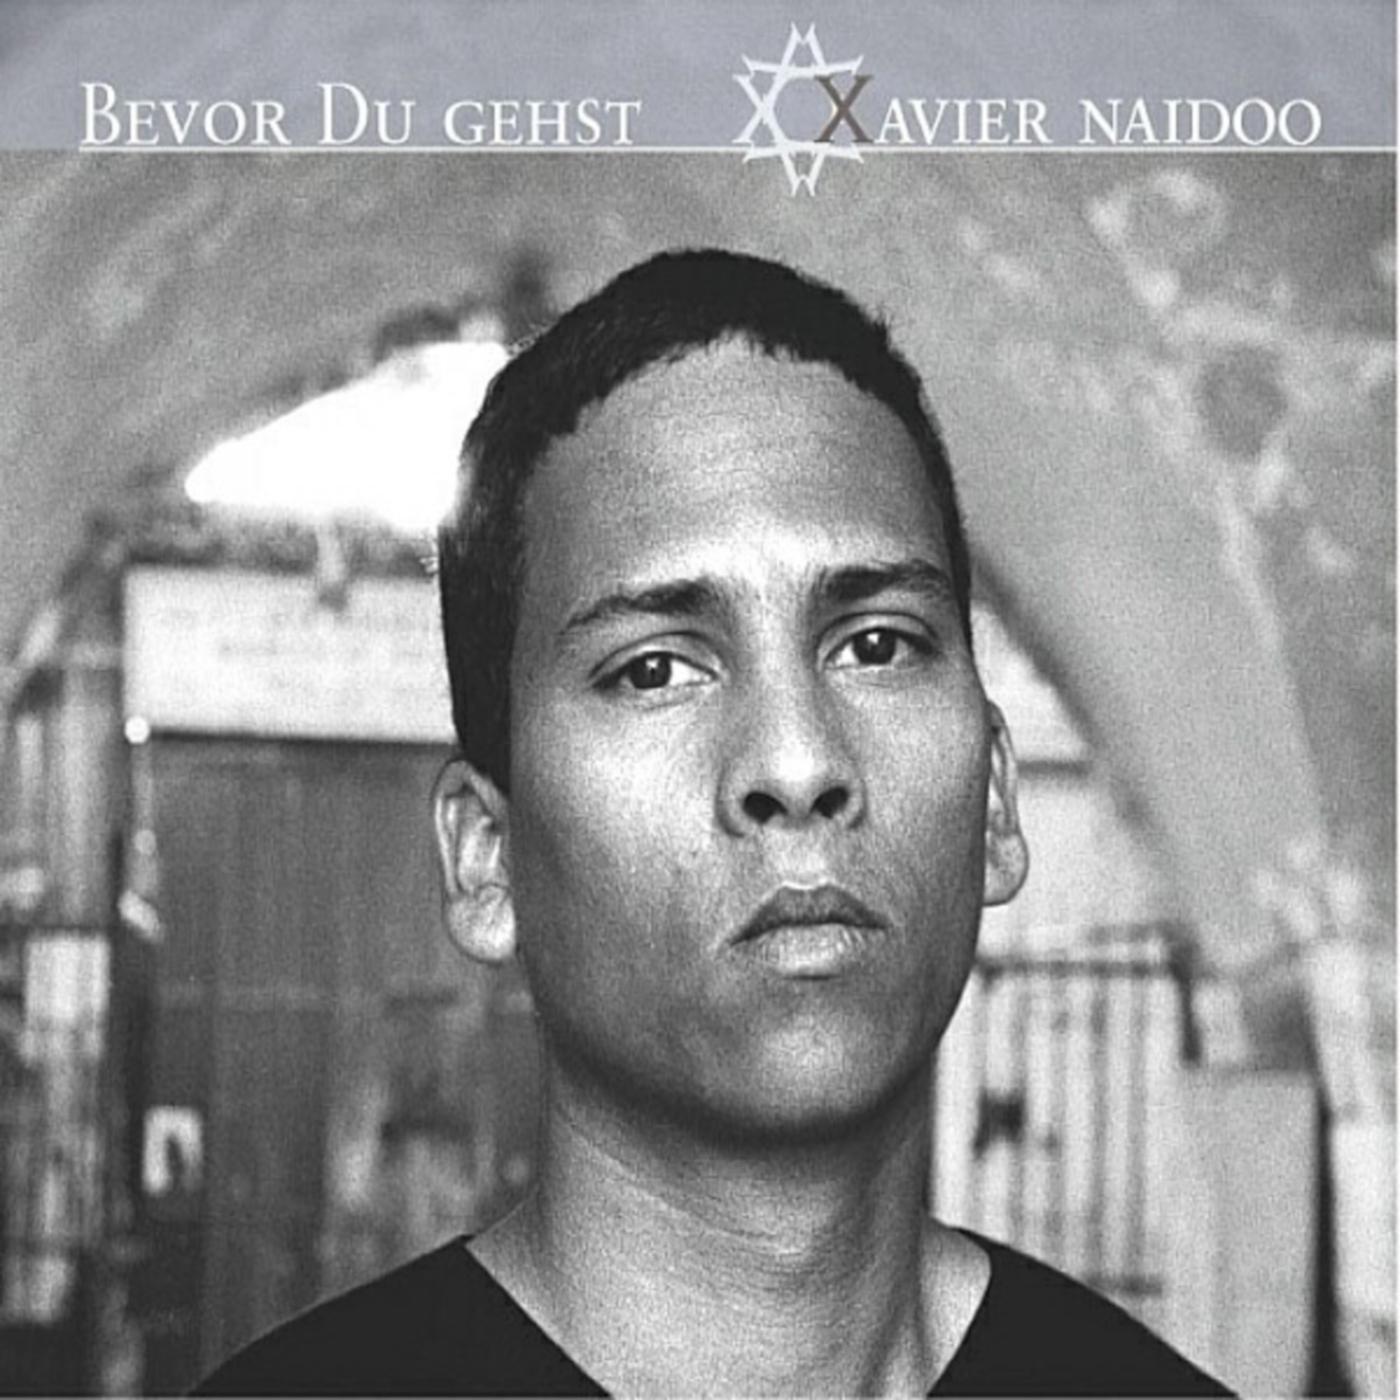 Bevor du gehst - Xavier Naidoo